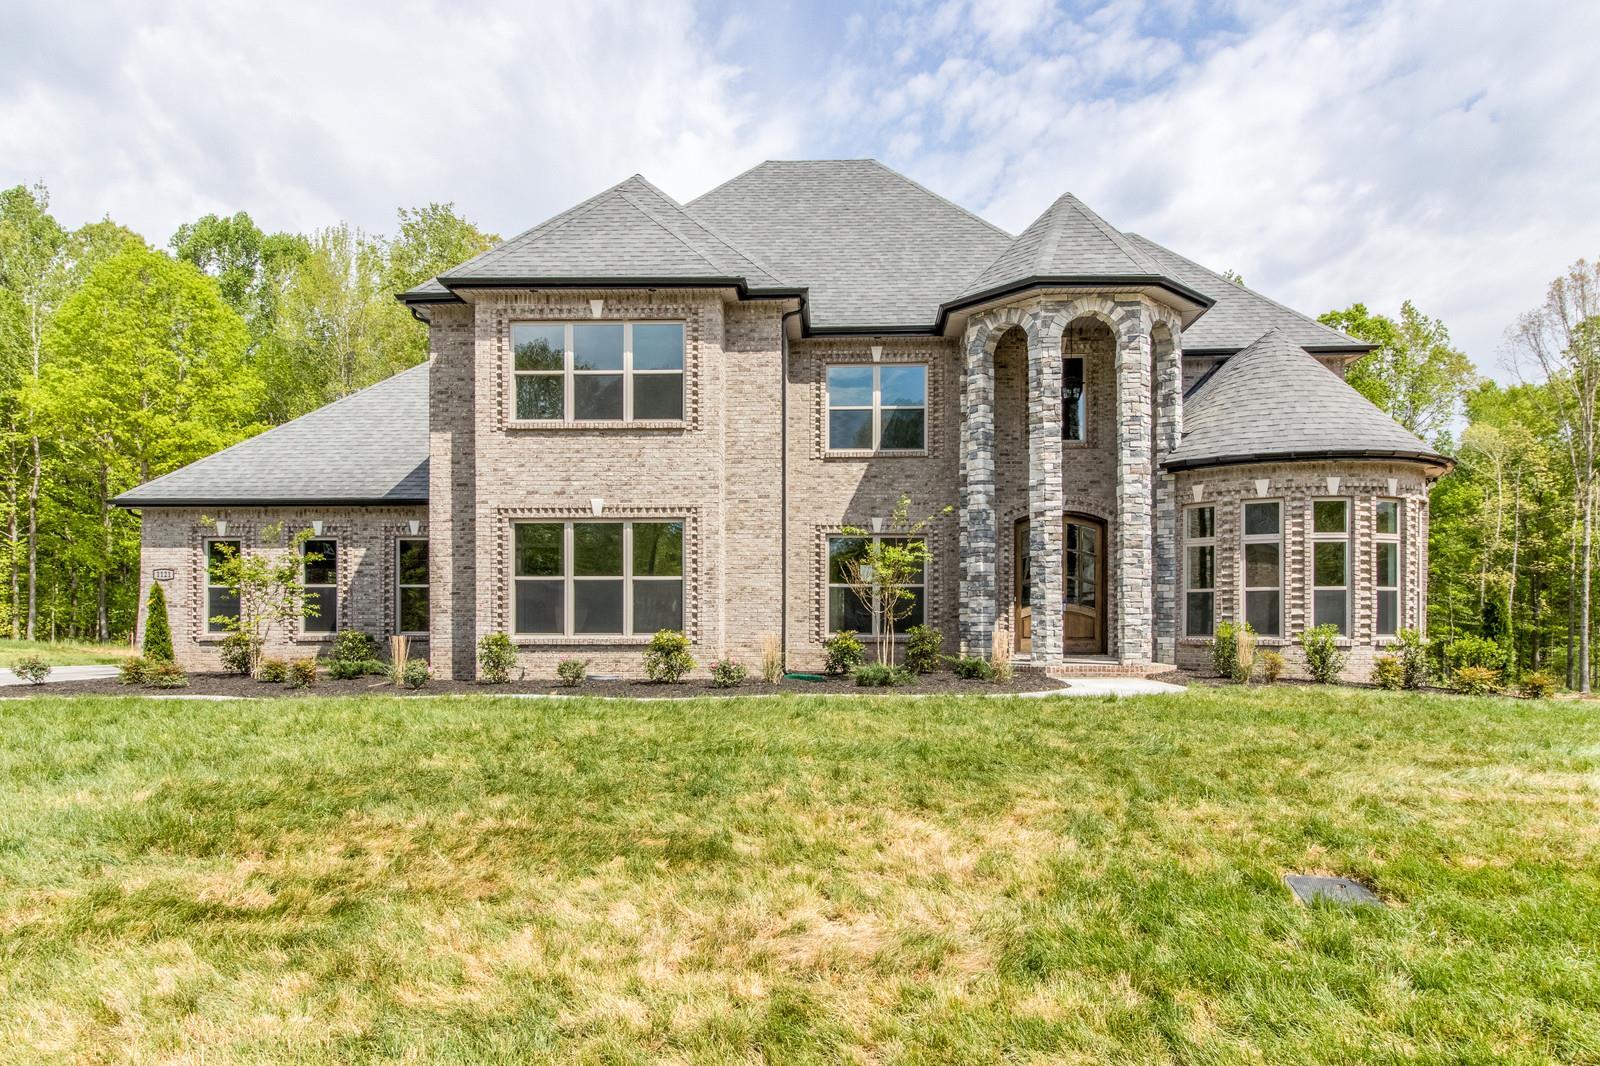 83 Reda Estates, Clarksville, TN 37042 - Clarksville, TN real estate listing